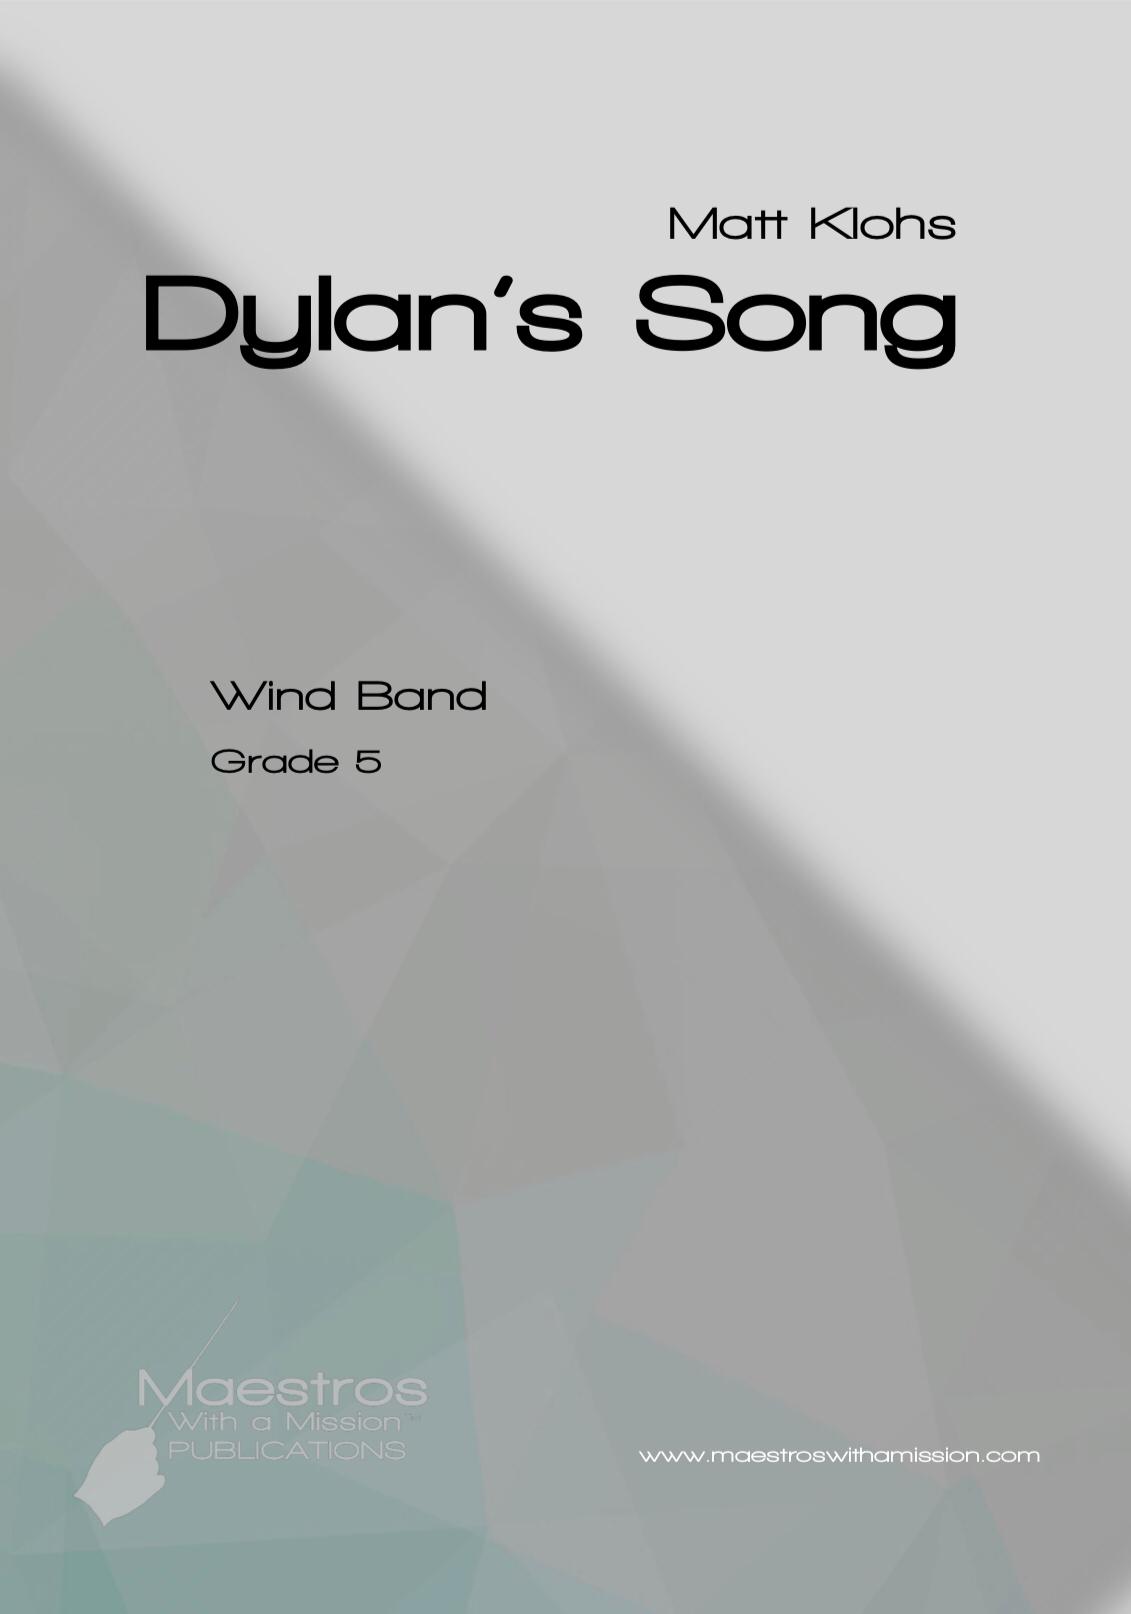 Dylan's Song by Matt Klohs